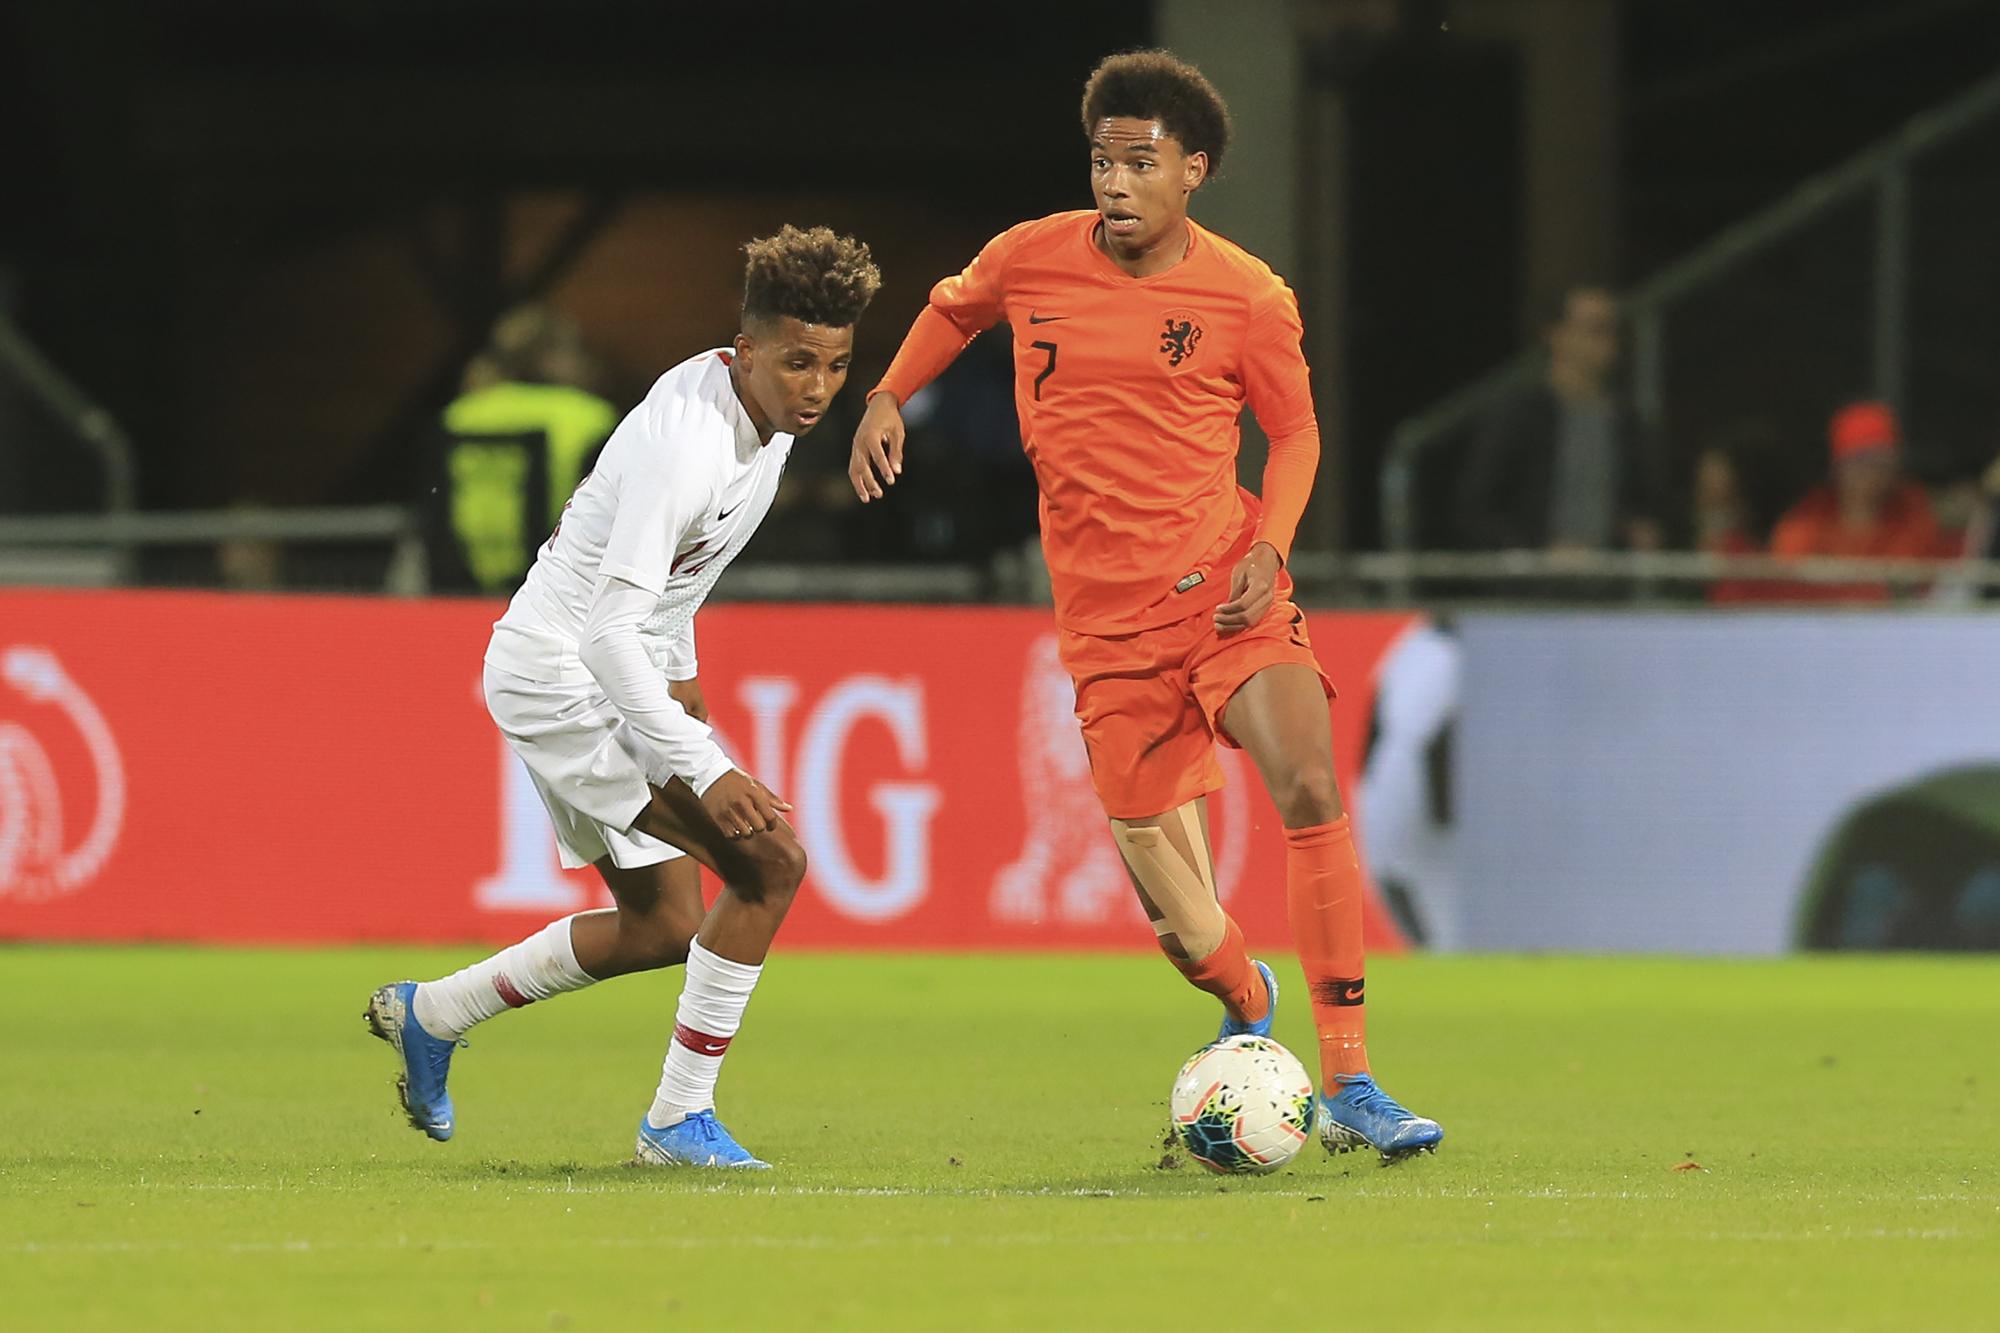 Oranje-vs-Portugal-5.jpg